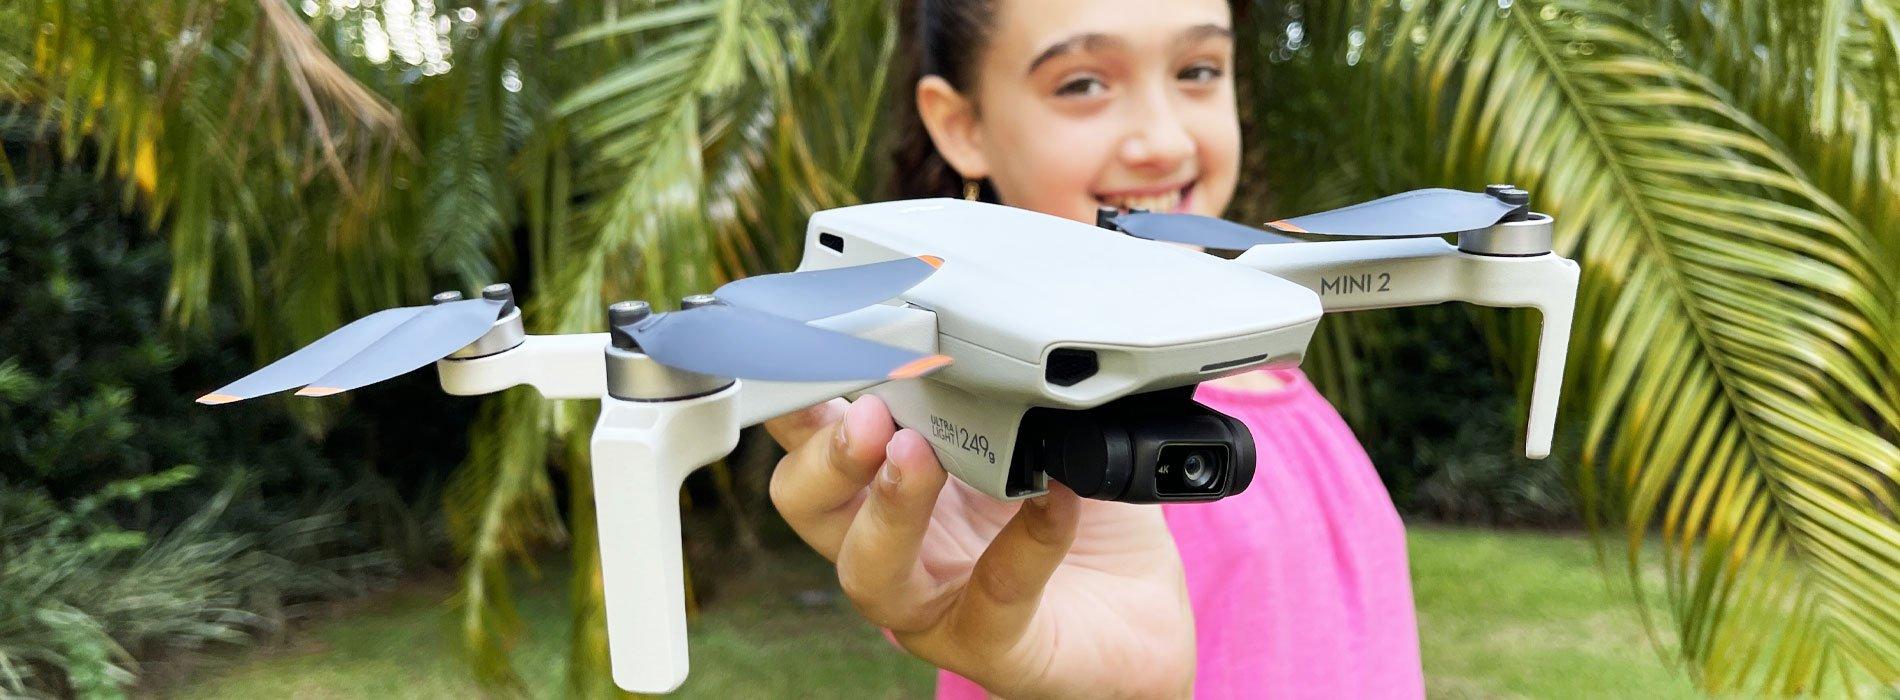 Como é a qualidade em fotos do drone DJI Mini 2 ? Veja fotos em diferentes cenários